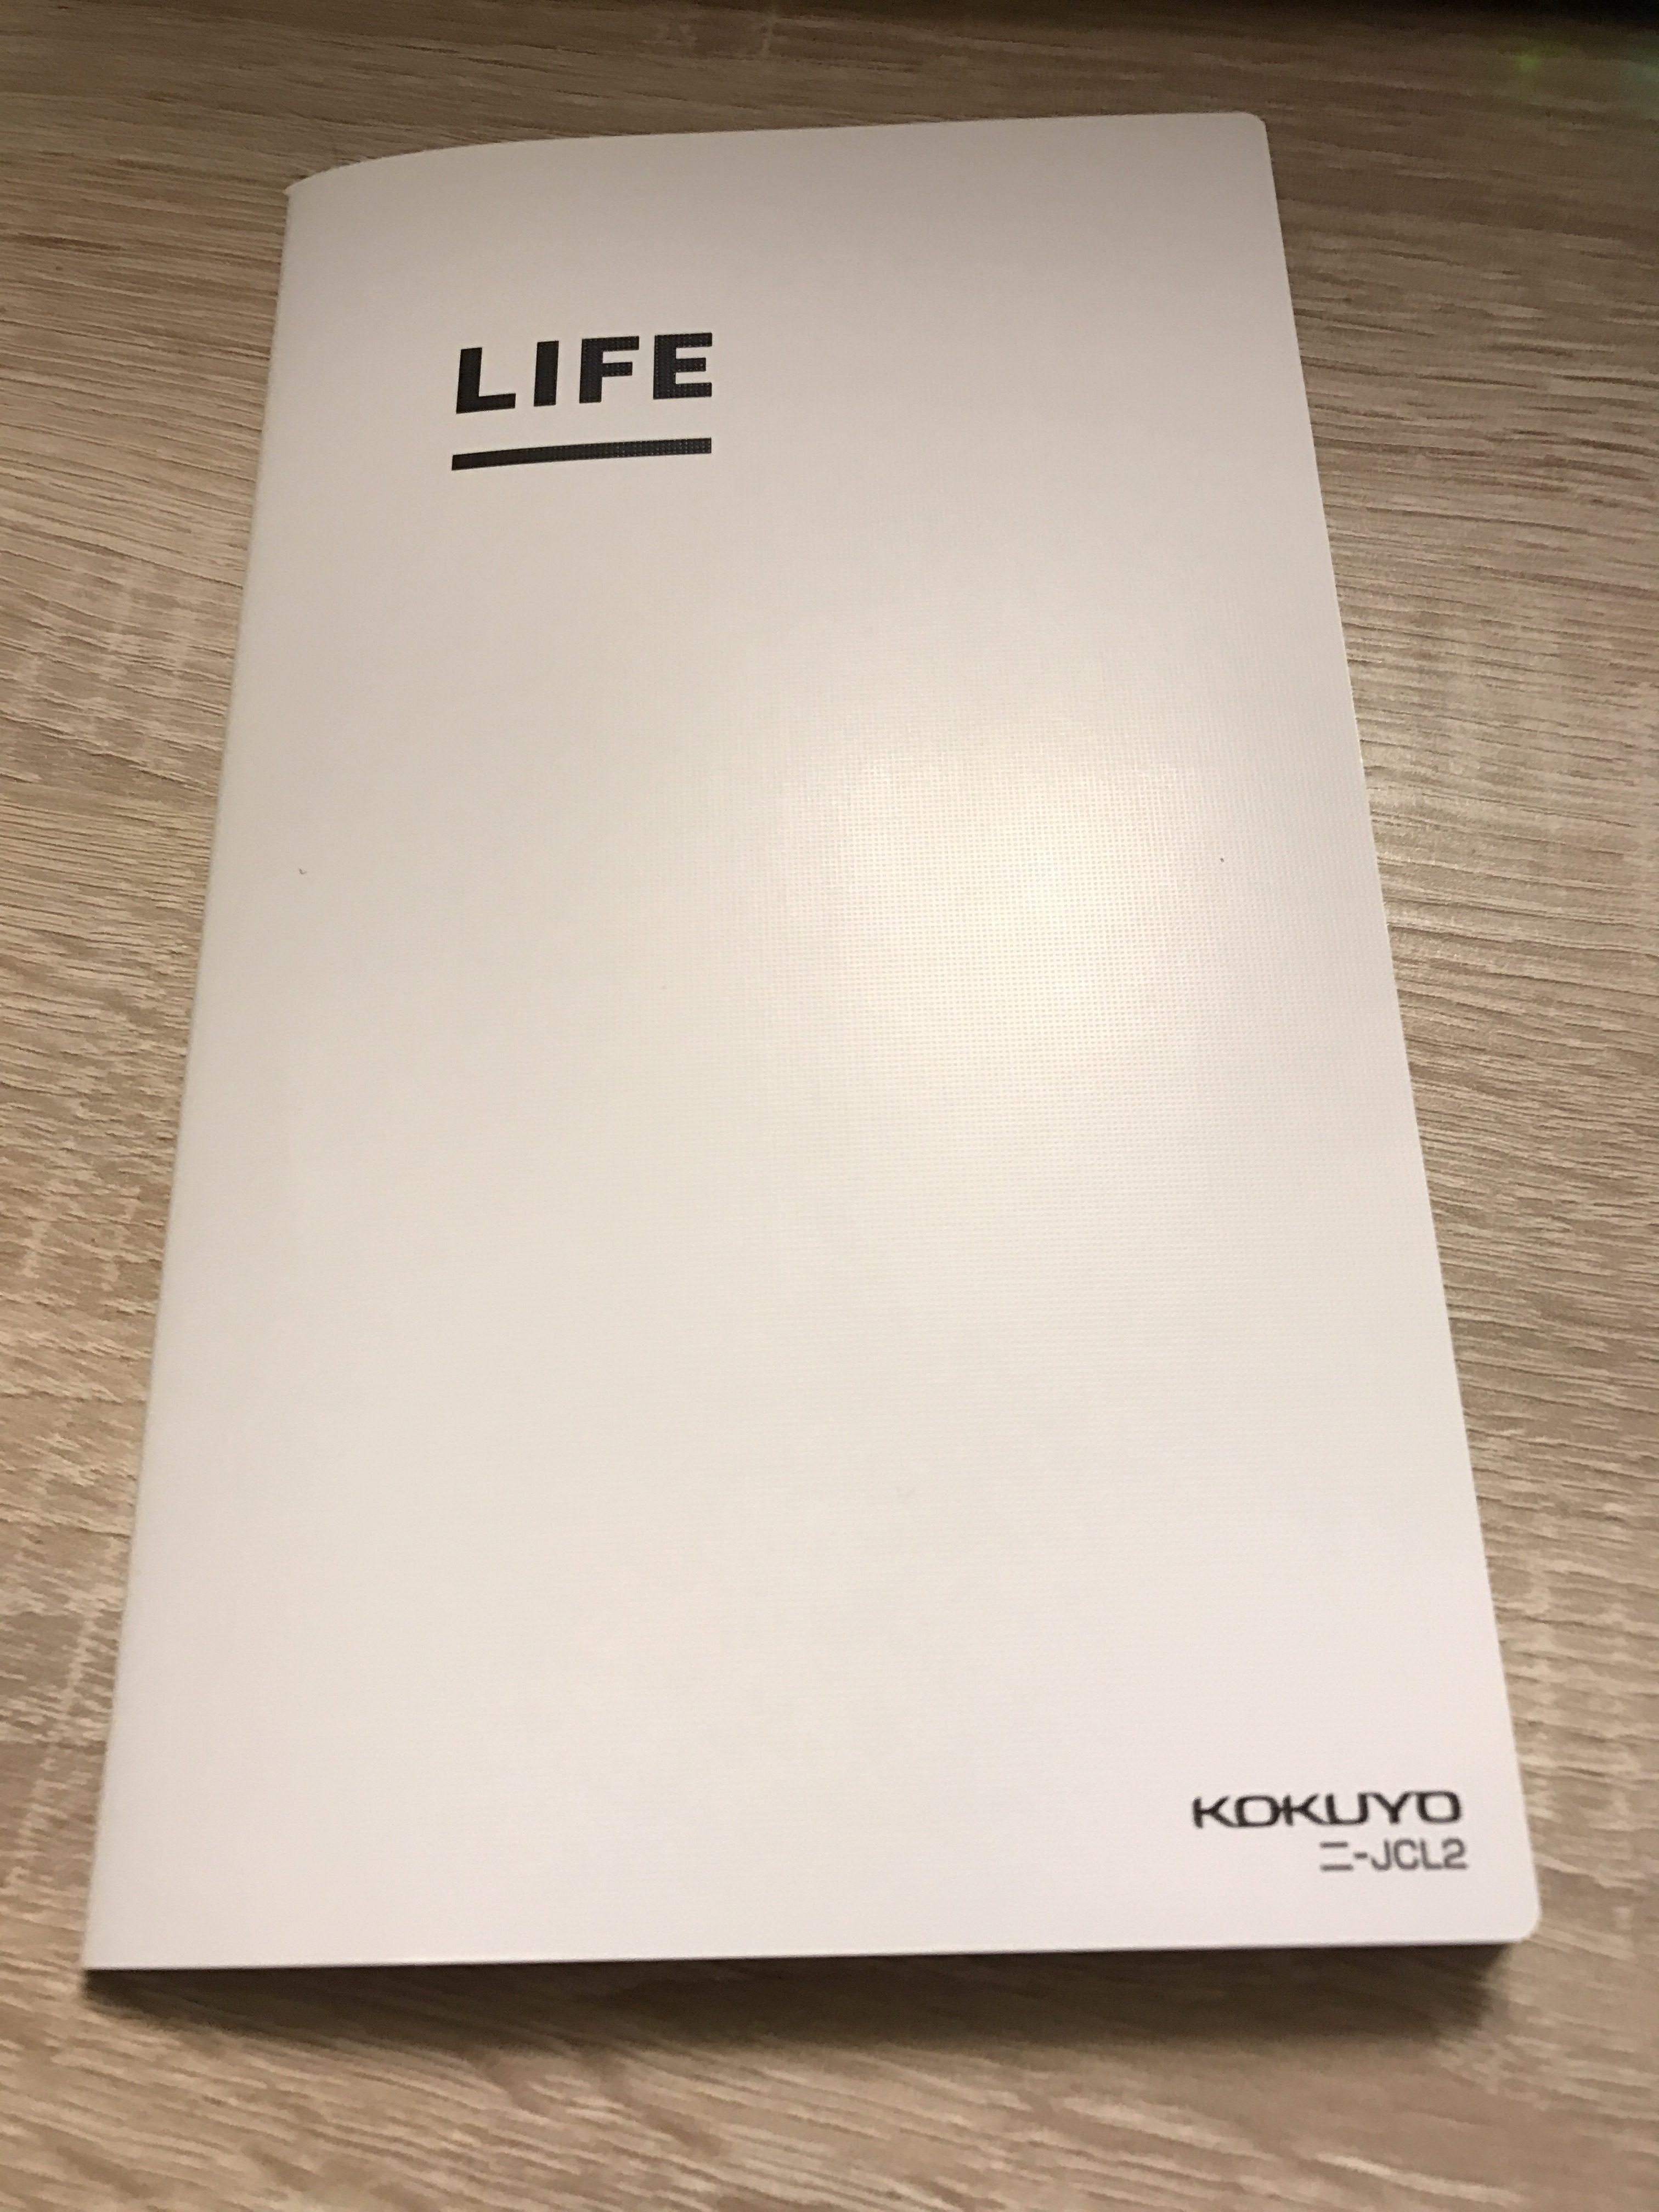 年末年始の時間のあるときに、ジブン手帳の『LIFE』で今までの自分自身を振り返ってみよう